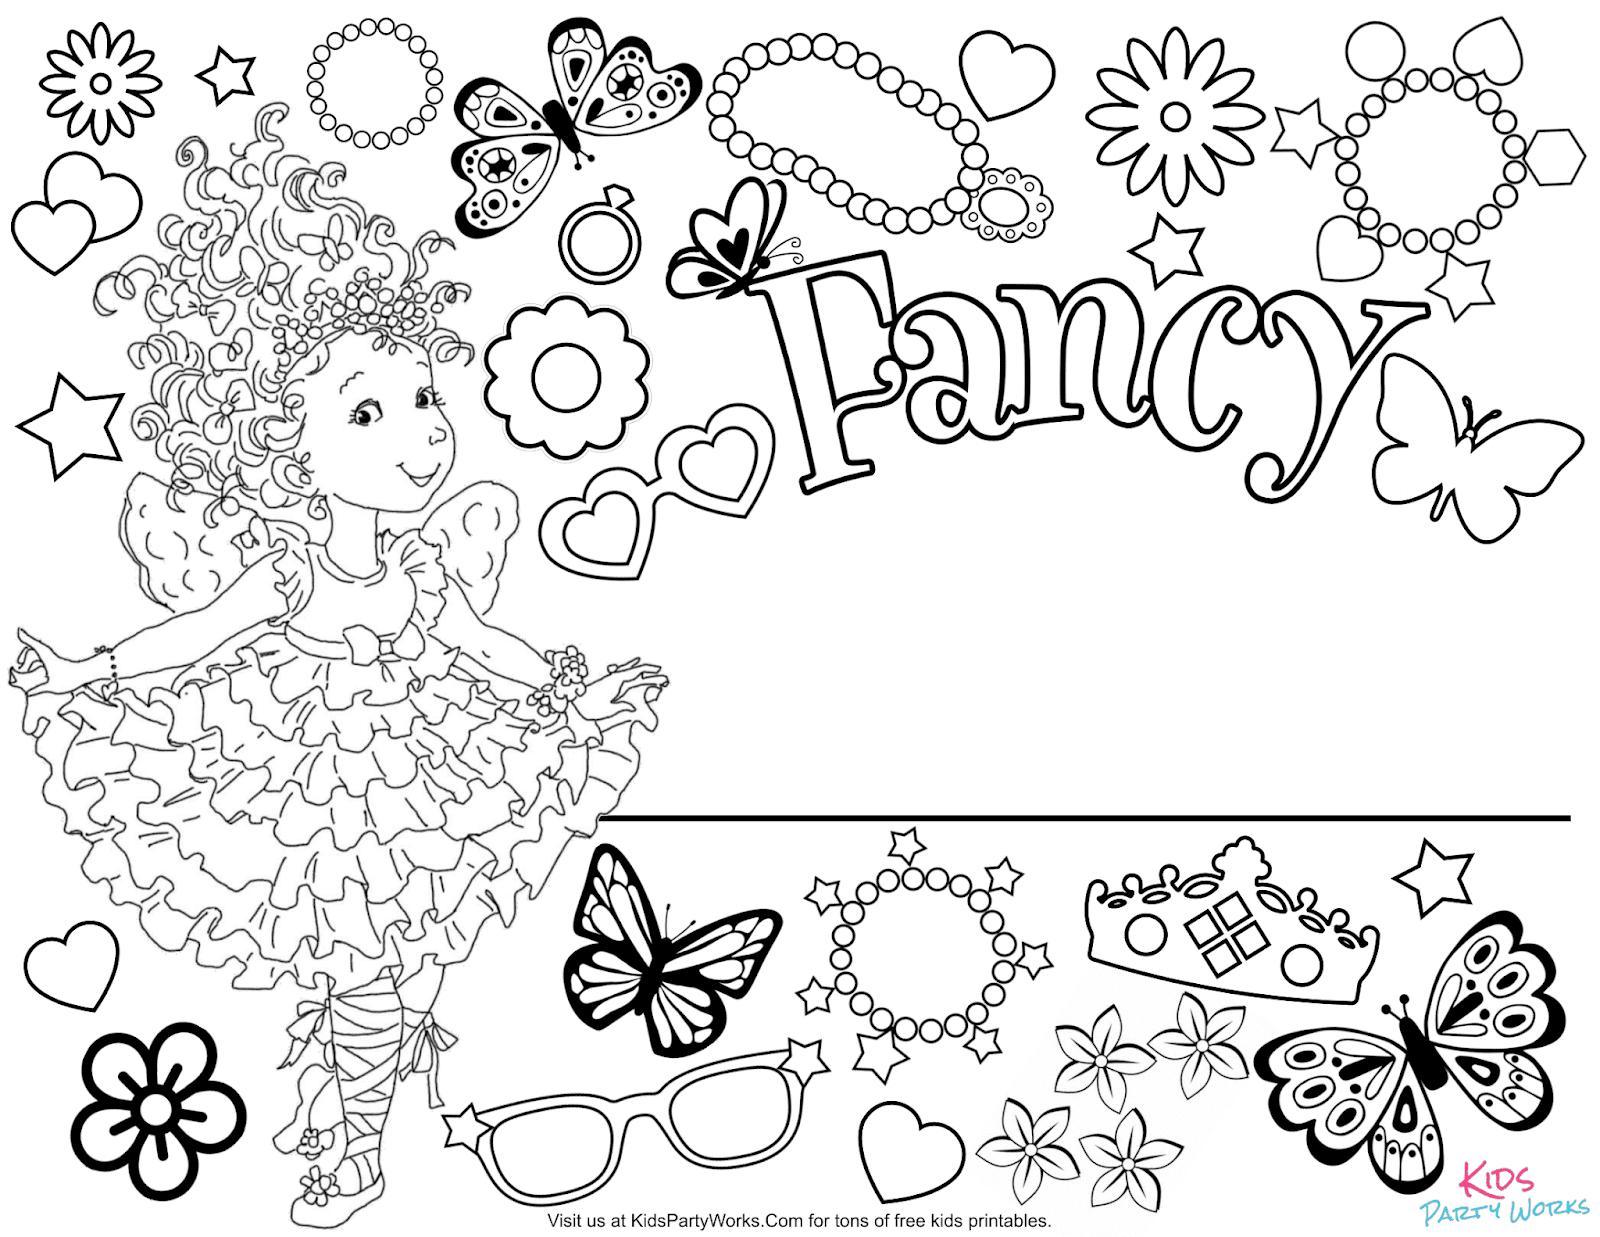 fancy nancy colouring pages fancy nancy clancy coloring page drawing 5 nancy pages colouring fancy